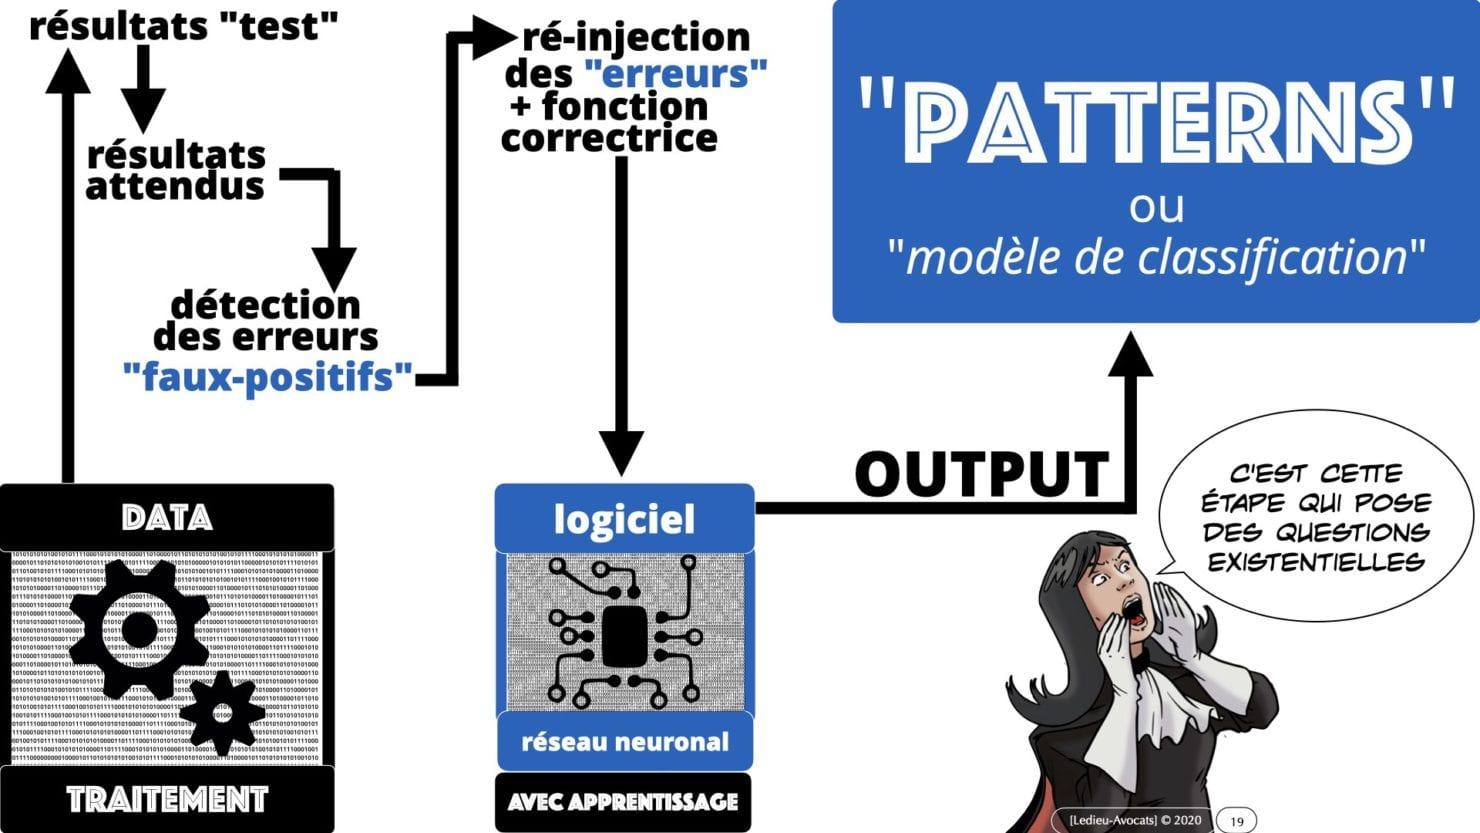 332 ALGORITHME PROTOCOLE protection innovation numérique ©Ledieu-Avocats 19-05-2021.019